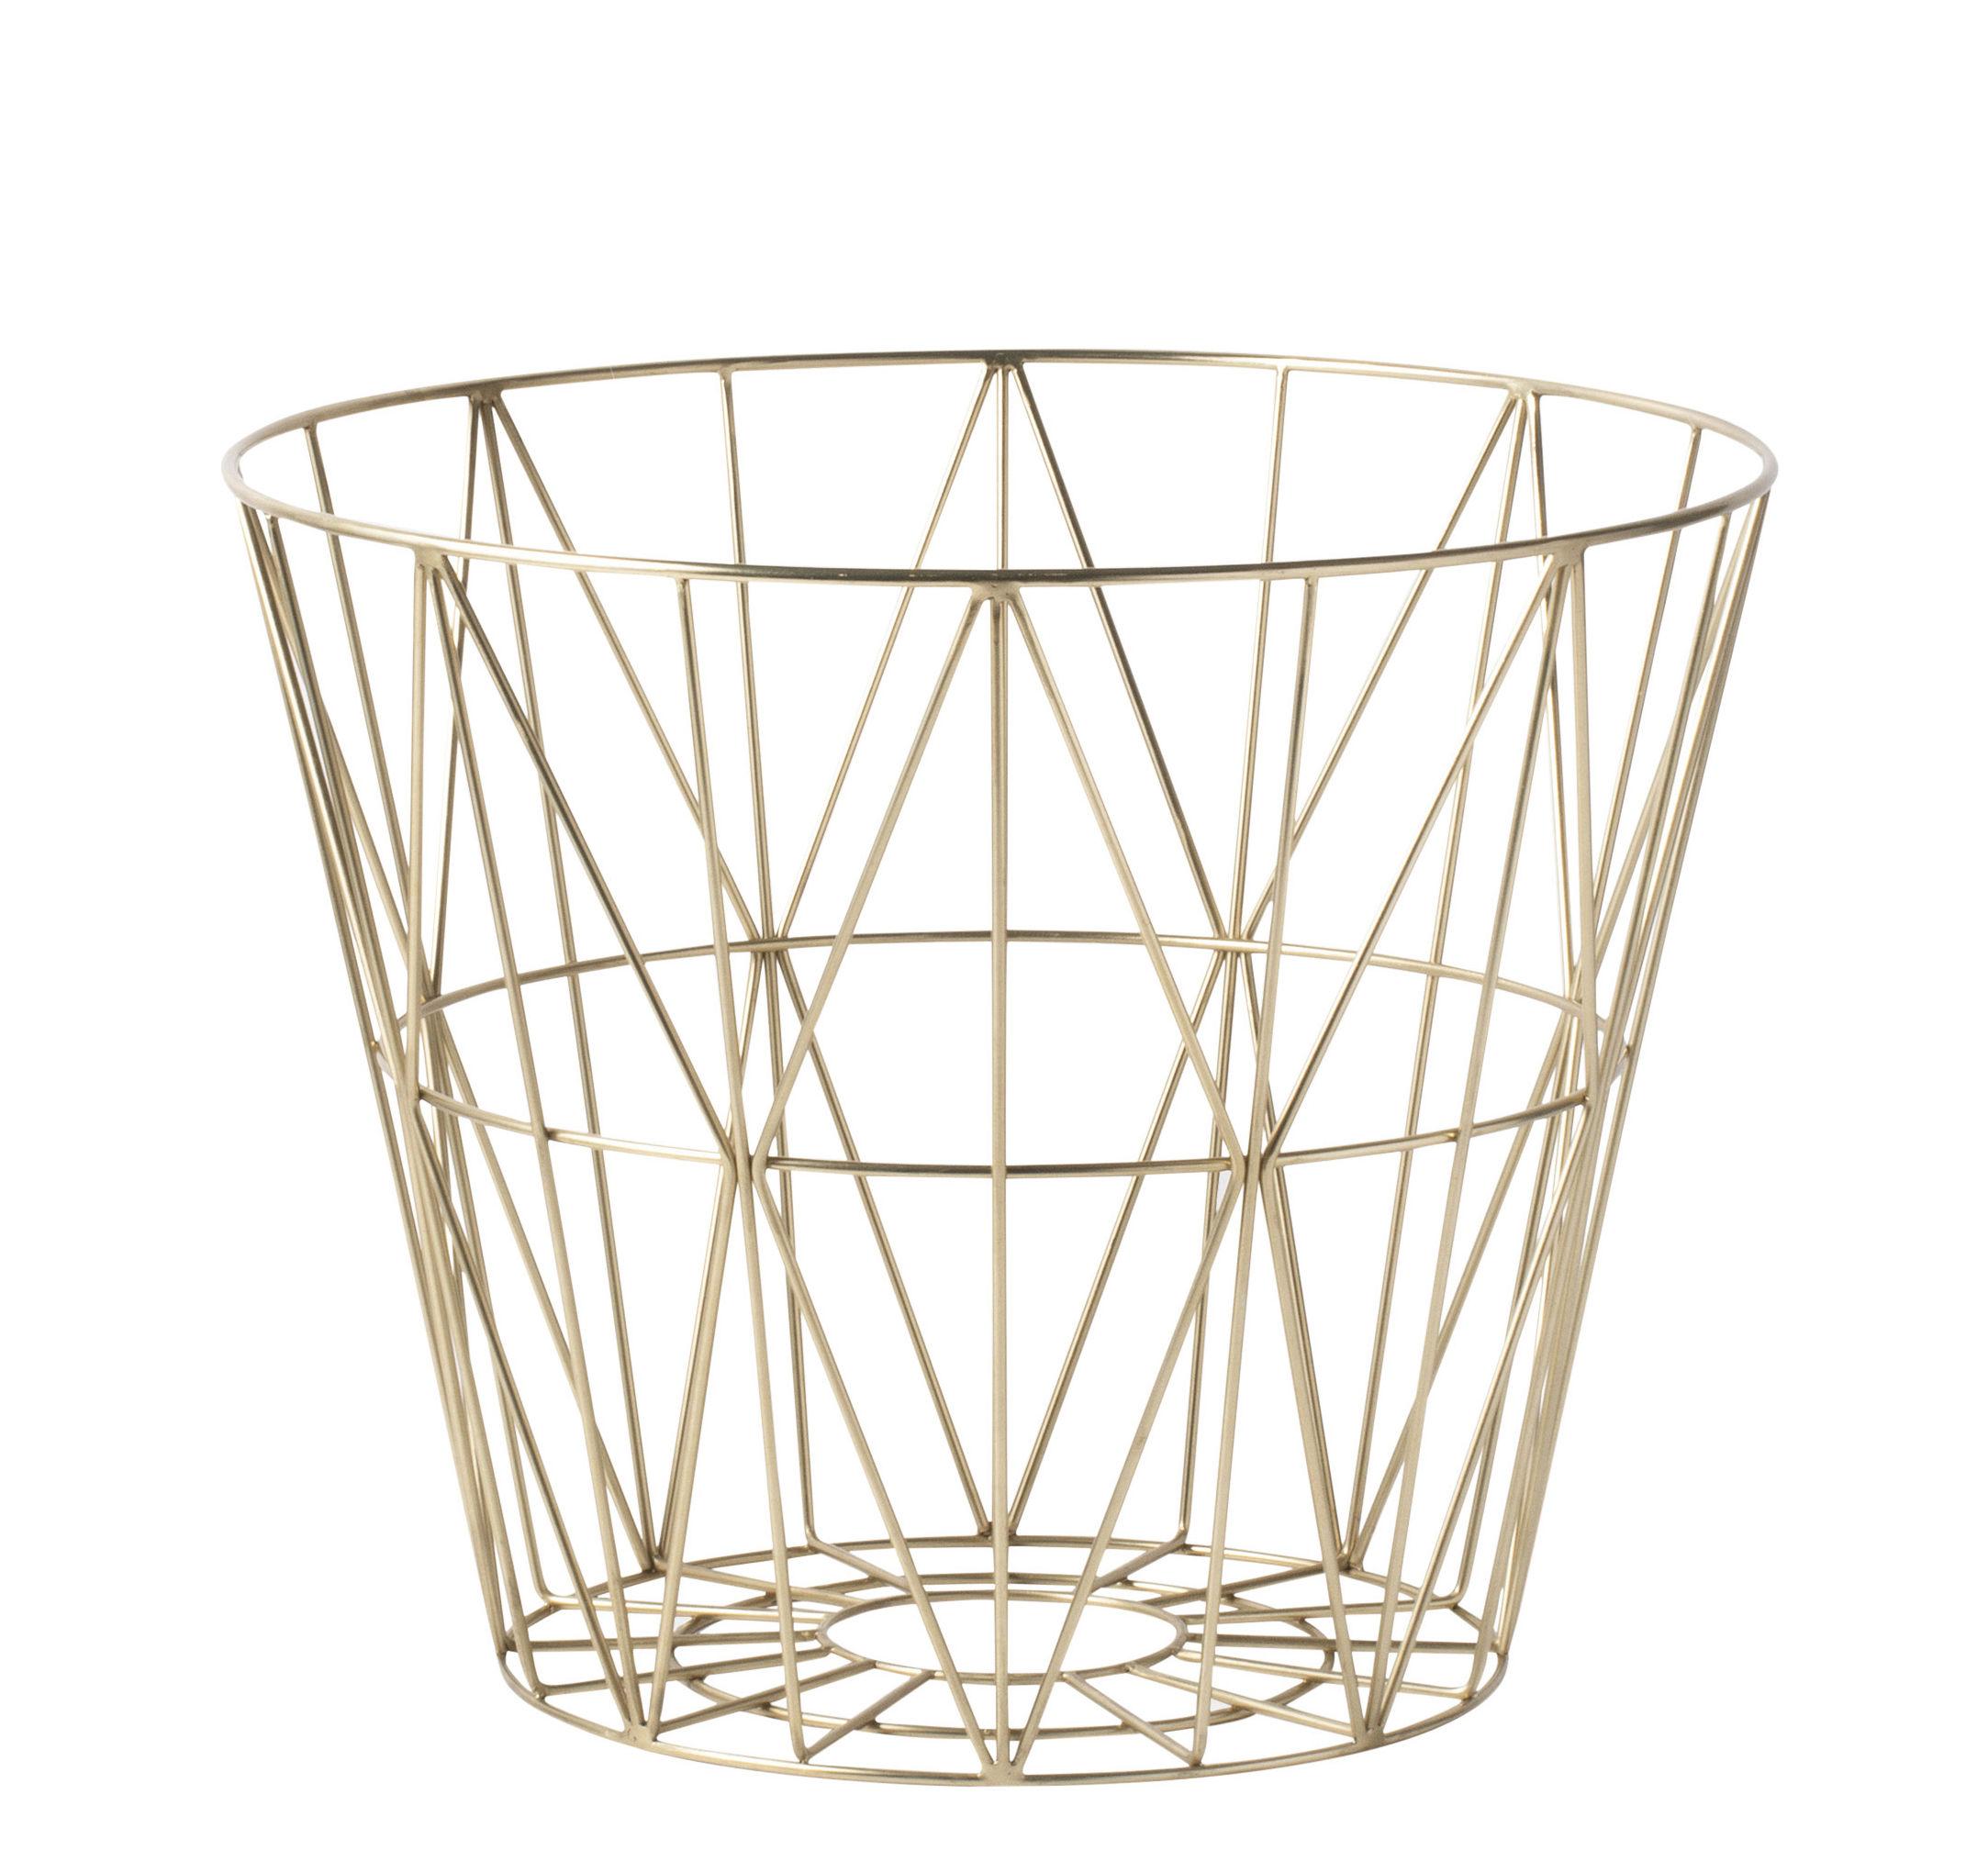 Déco - Corbeilles, centres de table, vide-poches - Corbeille Wire Small / Ø 40 x H 35 cm - Ferm Living - Laiton - Métal plaqué laiton